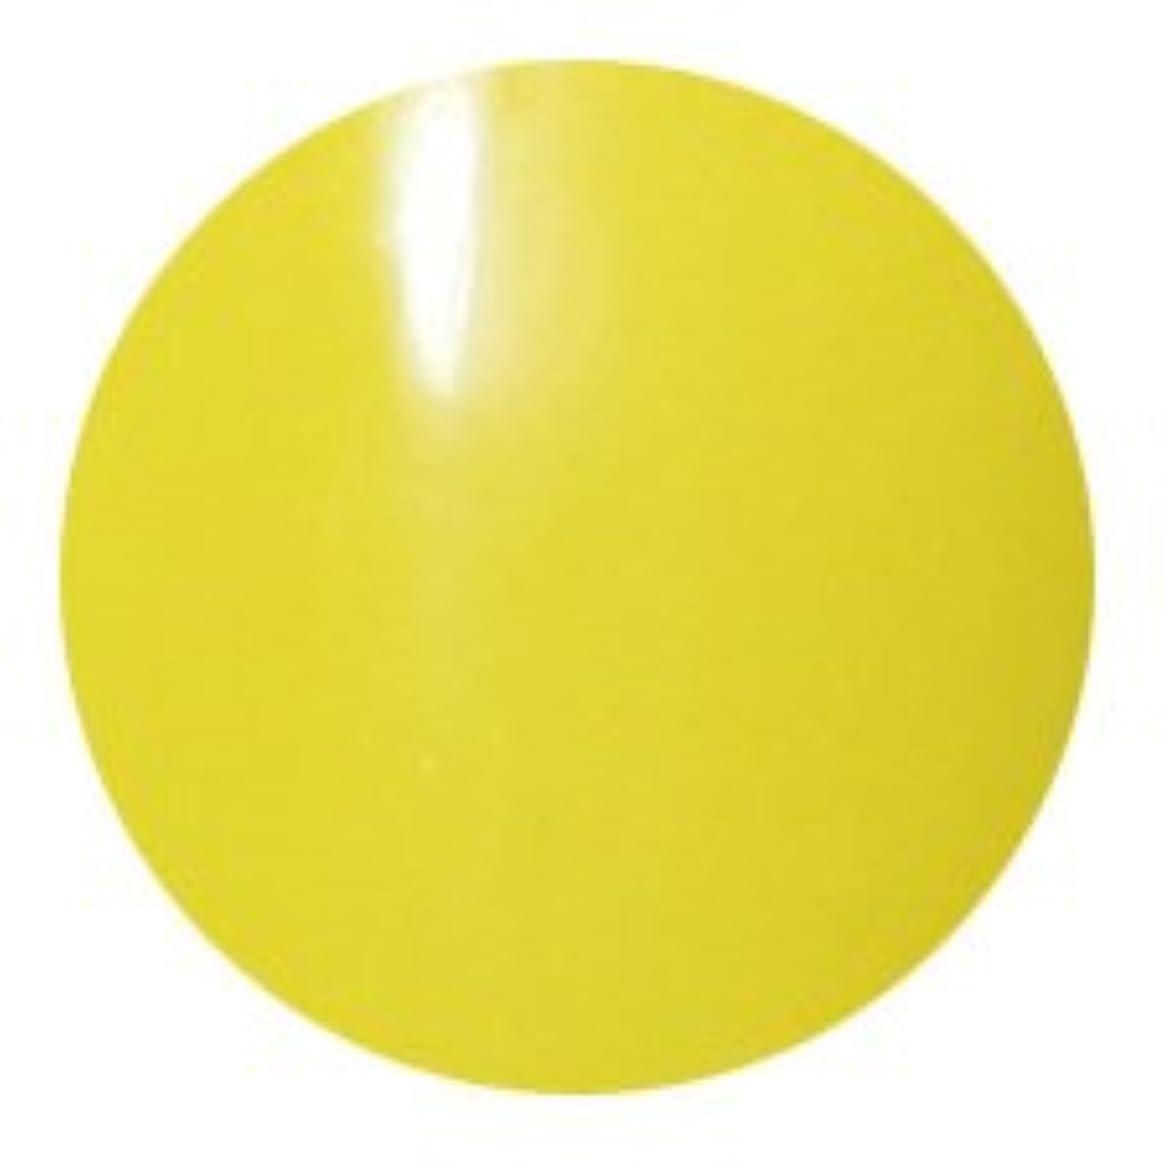 ビル肯定的思い出AMGEL(アンジェル) カラージェル 3g AL12M ガンバレモン